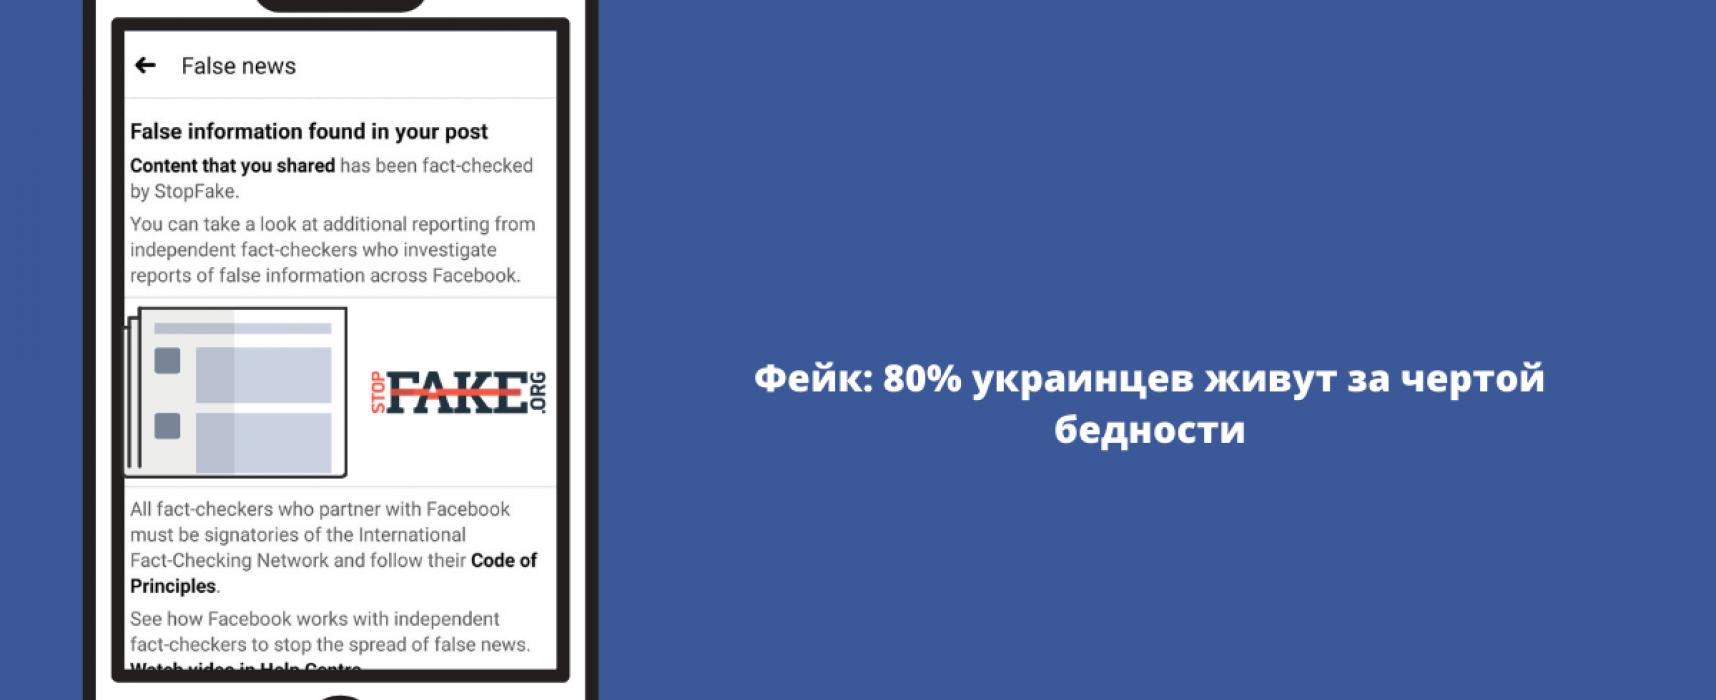 Фейк: 80% украинцев живут за чертой бедности